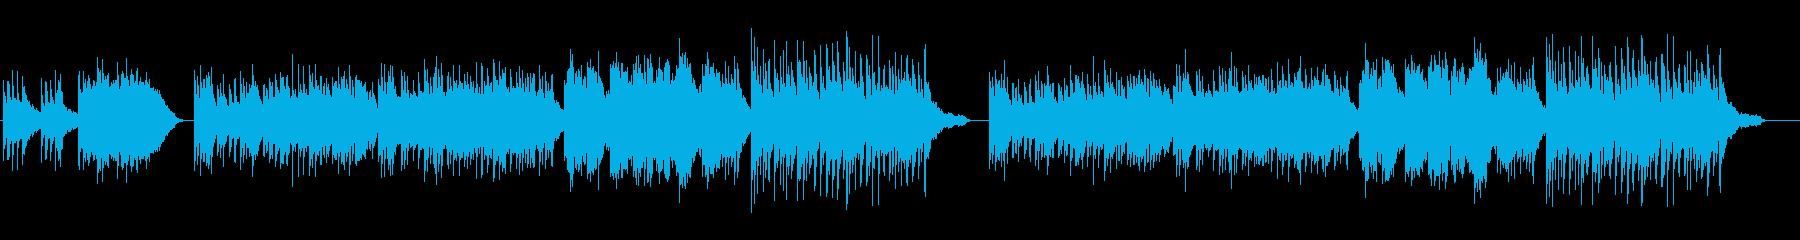 古代遺跡をイメージした曲の再生済みの波形